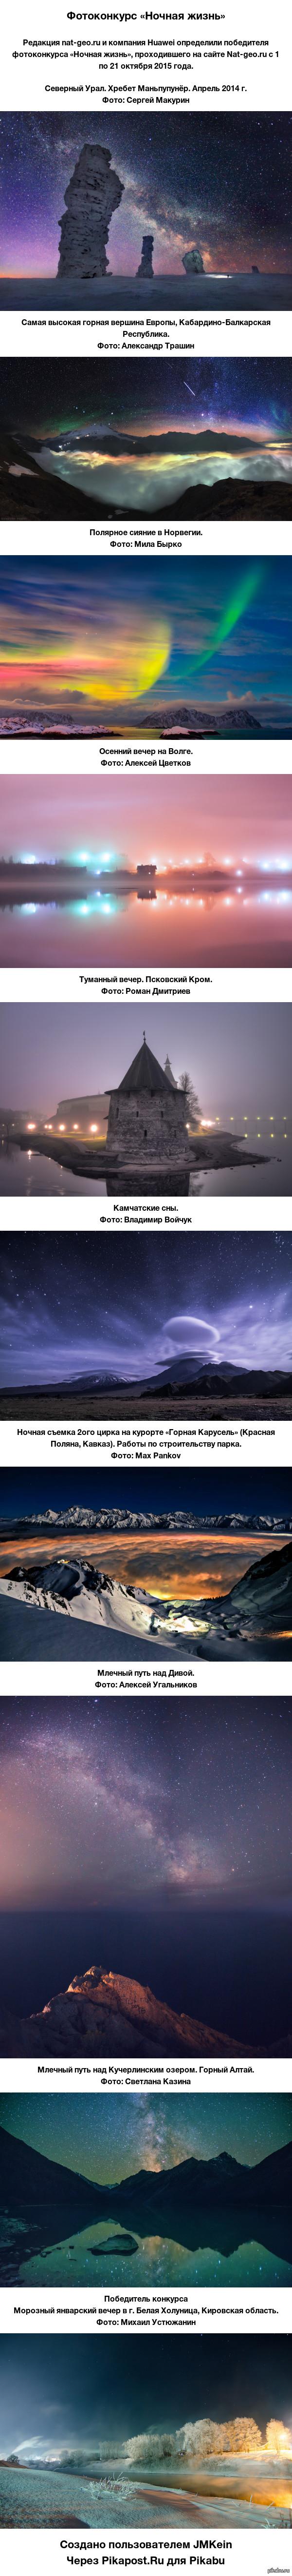 """Фотоконкурс «Ночная жизнь» в дополнение к посту <a href=""""http://pikabu.ru/story/quotraznotsvetnyiy_vecherquot_3767058"""">http://pikabu.ru/story/_3767058</a>"""